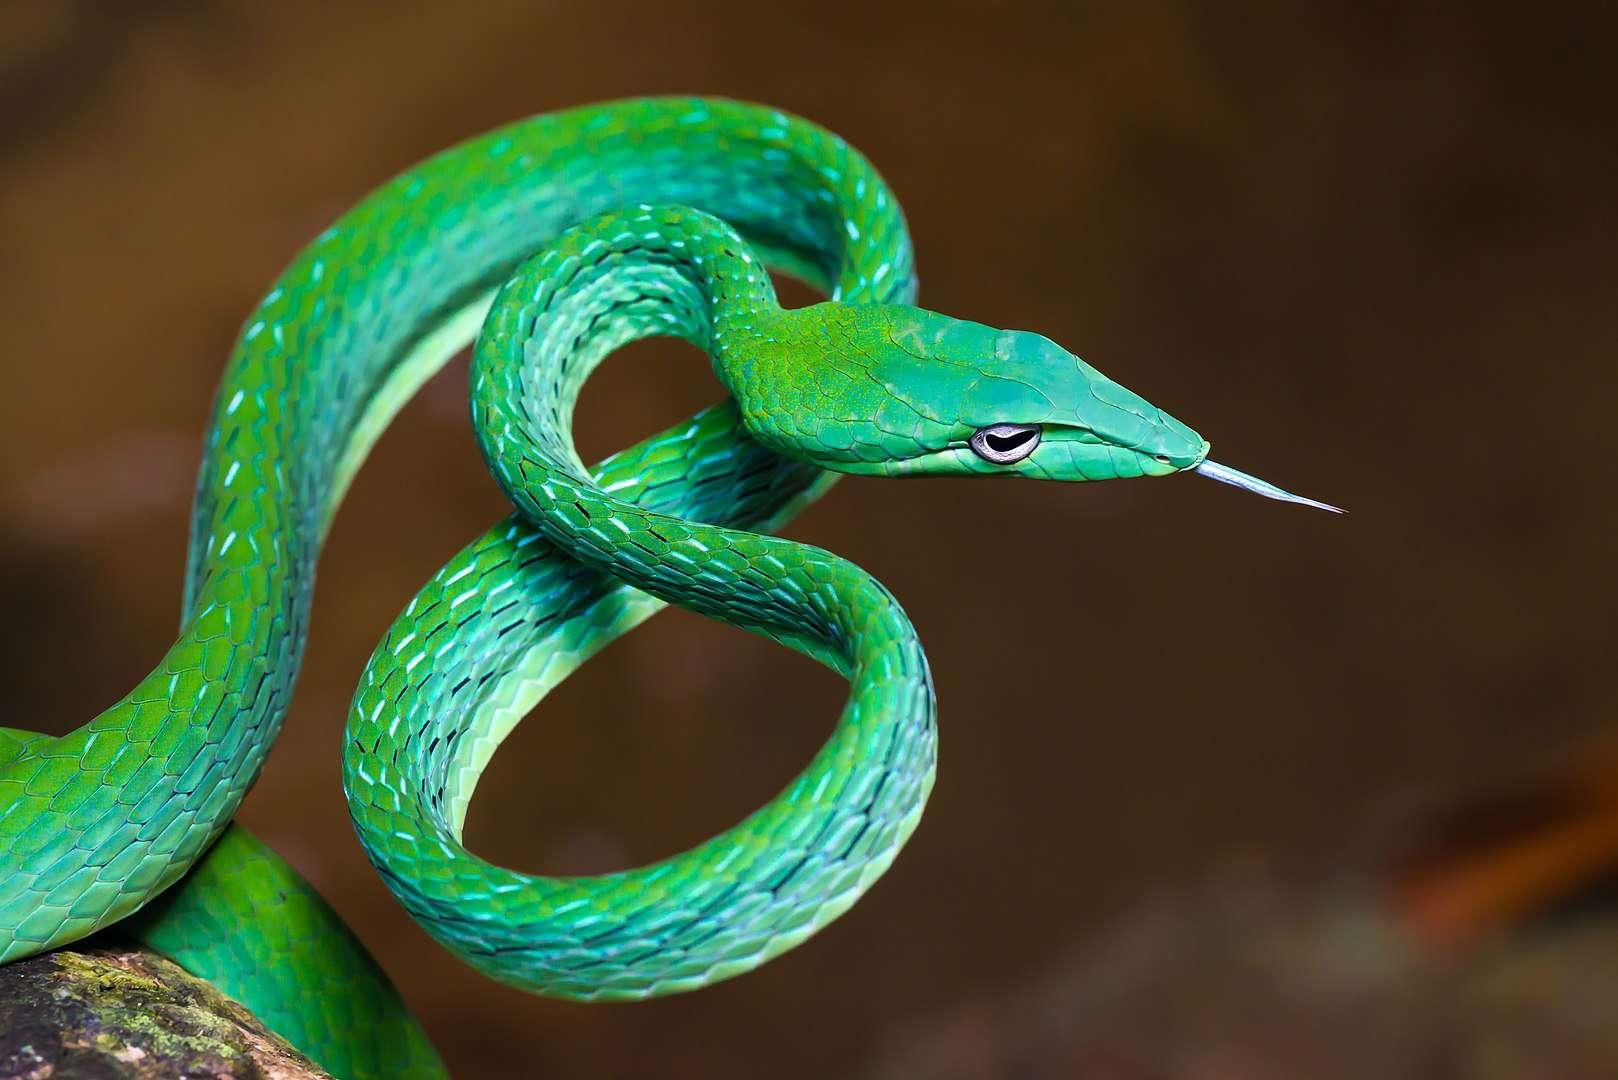 Le serpent liane asiatique (Ahaetulla prasina) se distingue par son museau pointu, son corps fin et sa couleur généralement vert-feuille, lui permettant de se mouvoir avec agilité au sein de la végétation. © Rushenb, CC By-SA 4.0, Wikimedia Commons